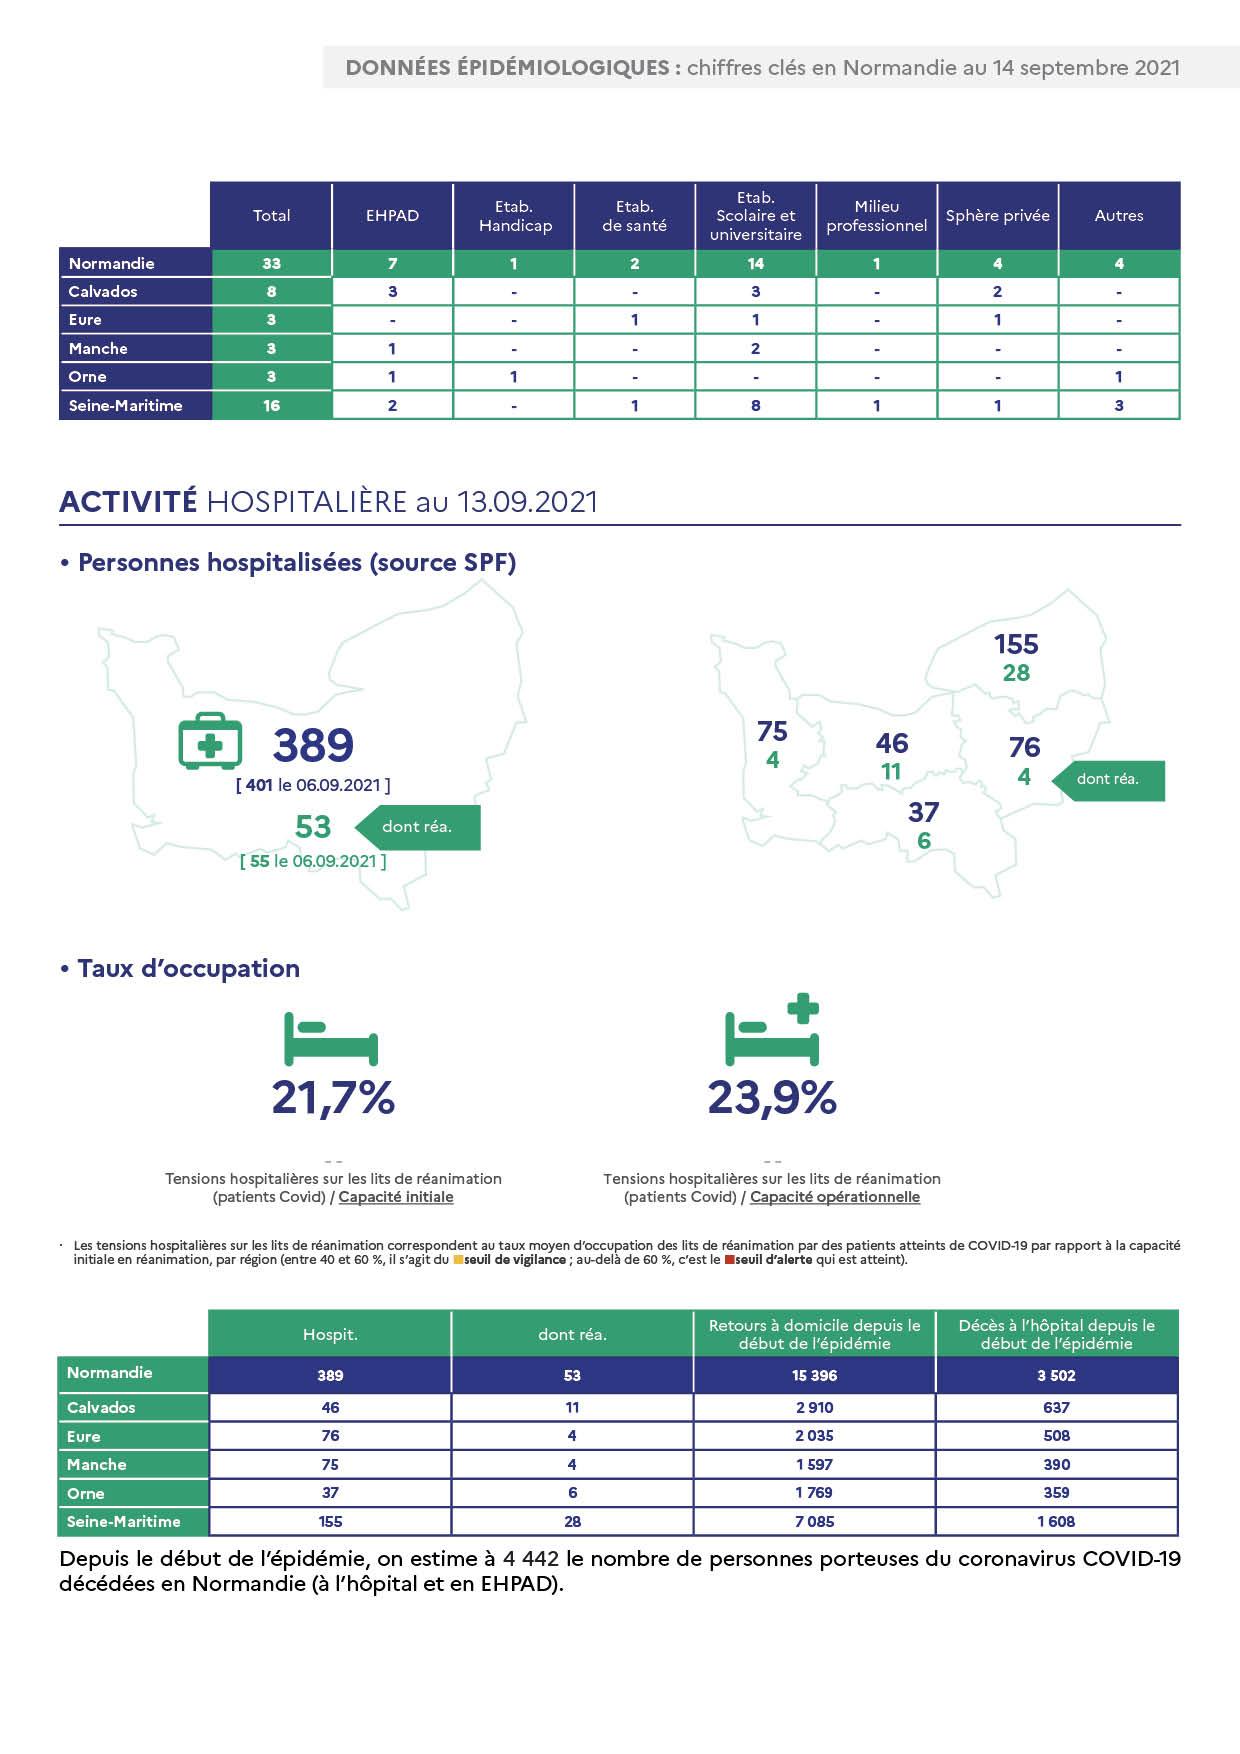 Données épidémiologiques : Chiffres clés en Normandie au 14 septembre 2021 page 2